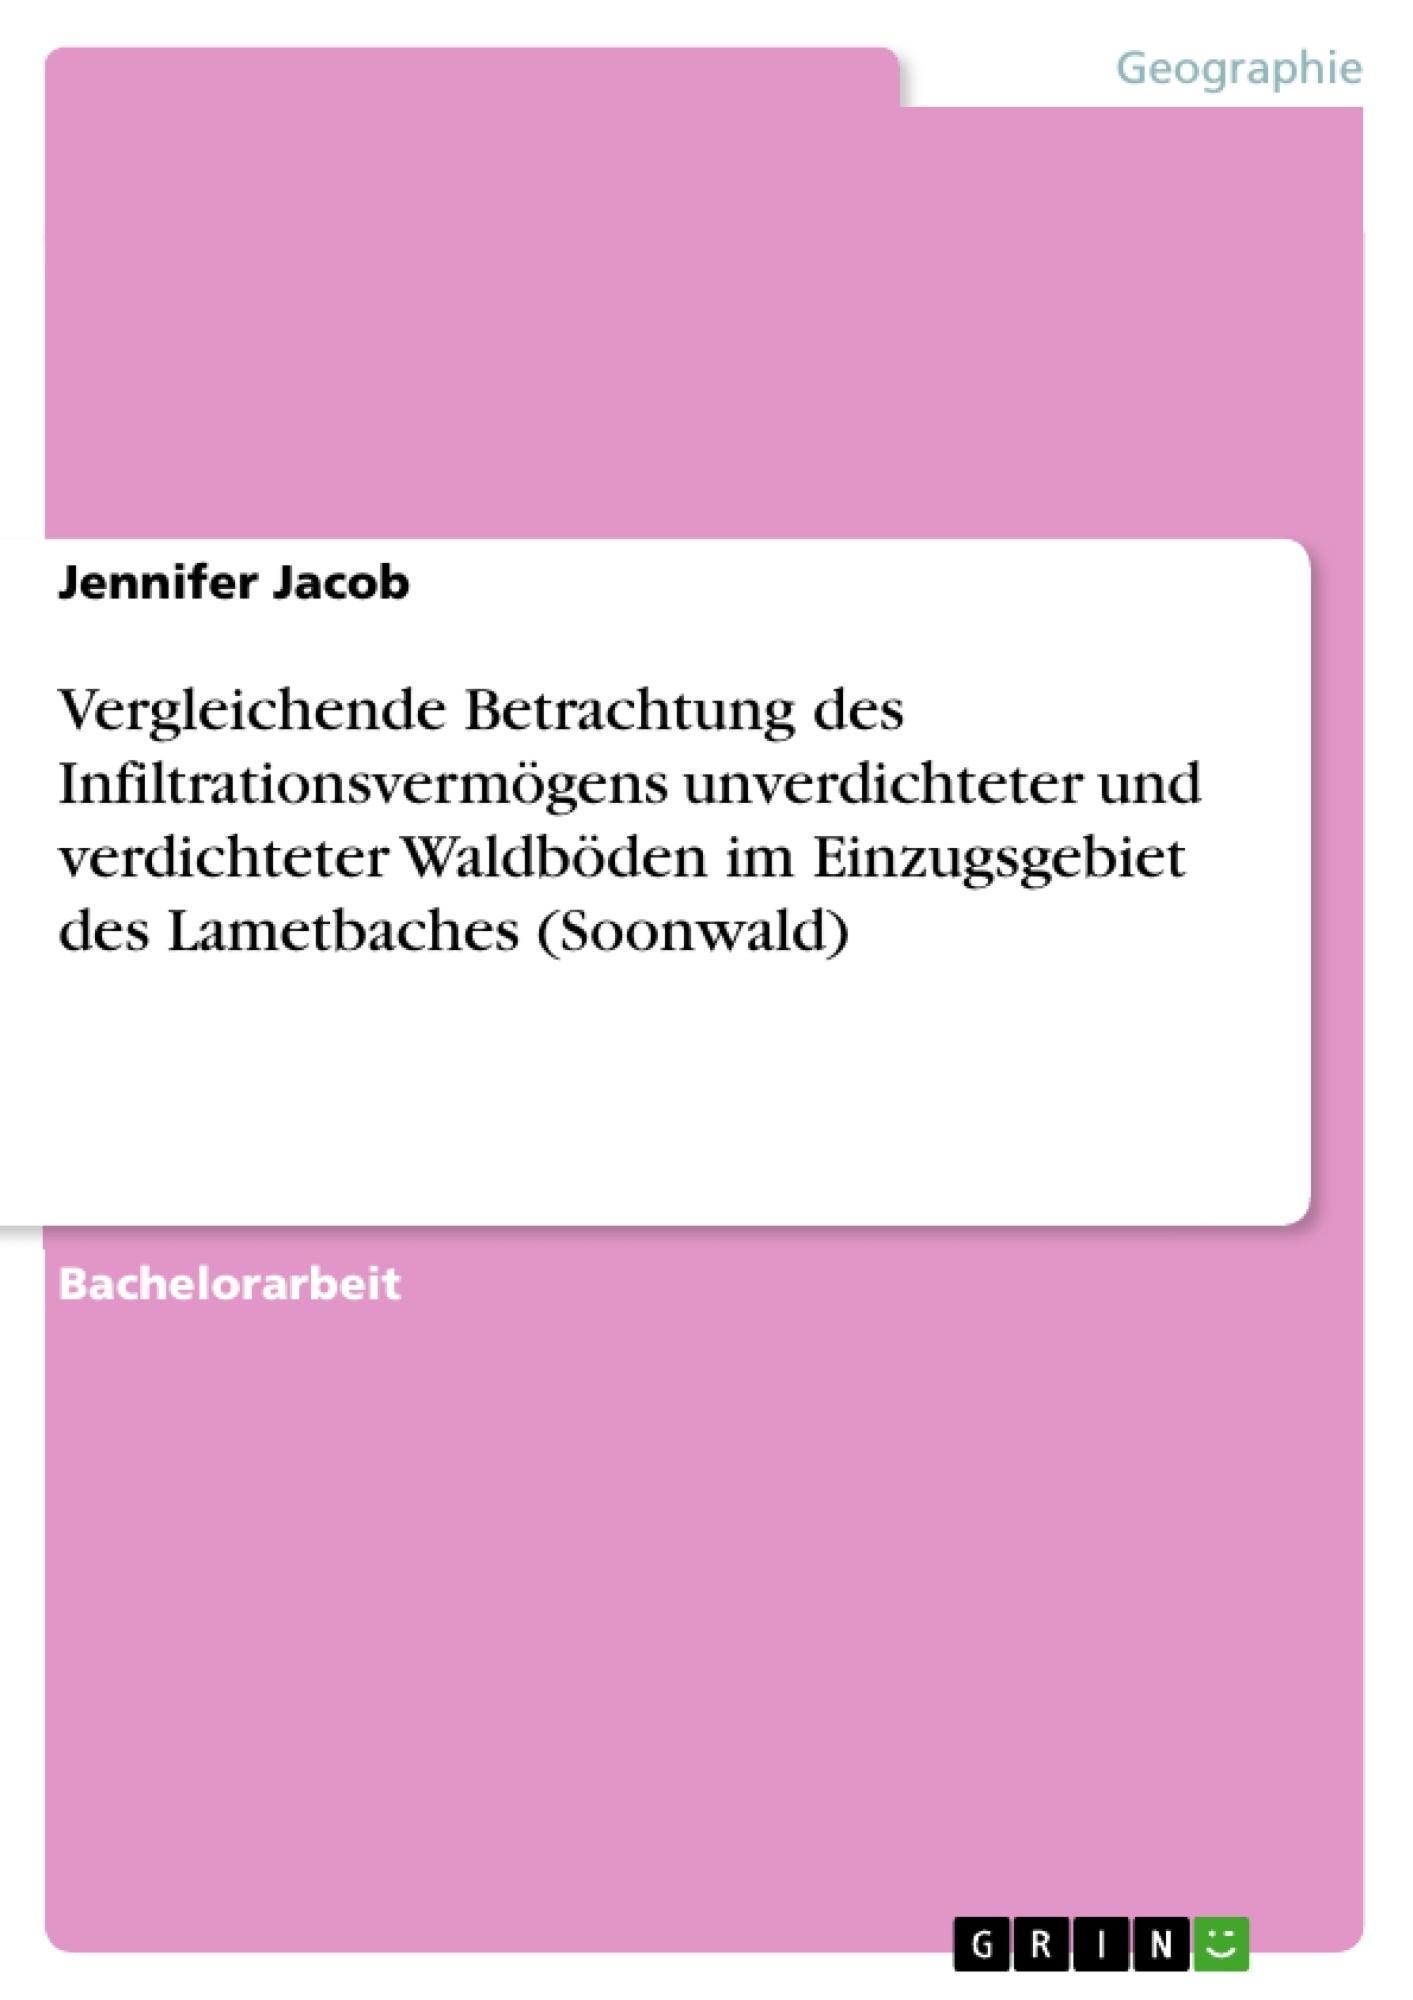 Titel: Vergleichende Betrachtung des Infiltrationsvermögens unverdichteter und verdichteter Waldböden im Einzugsgebiet des Lametbaches (Soonwald)